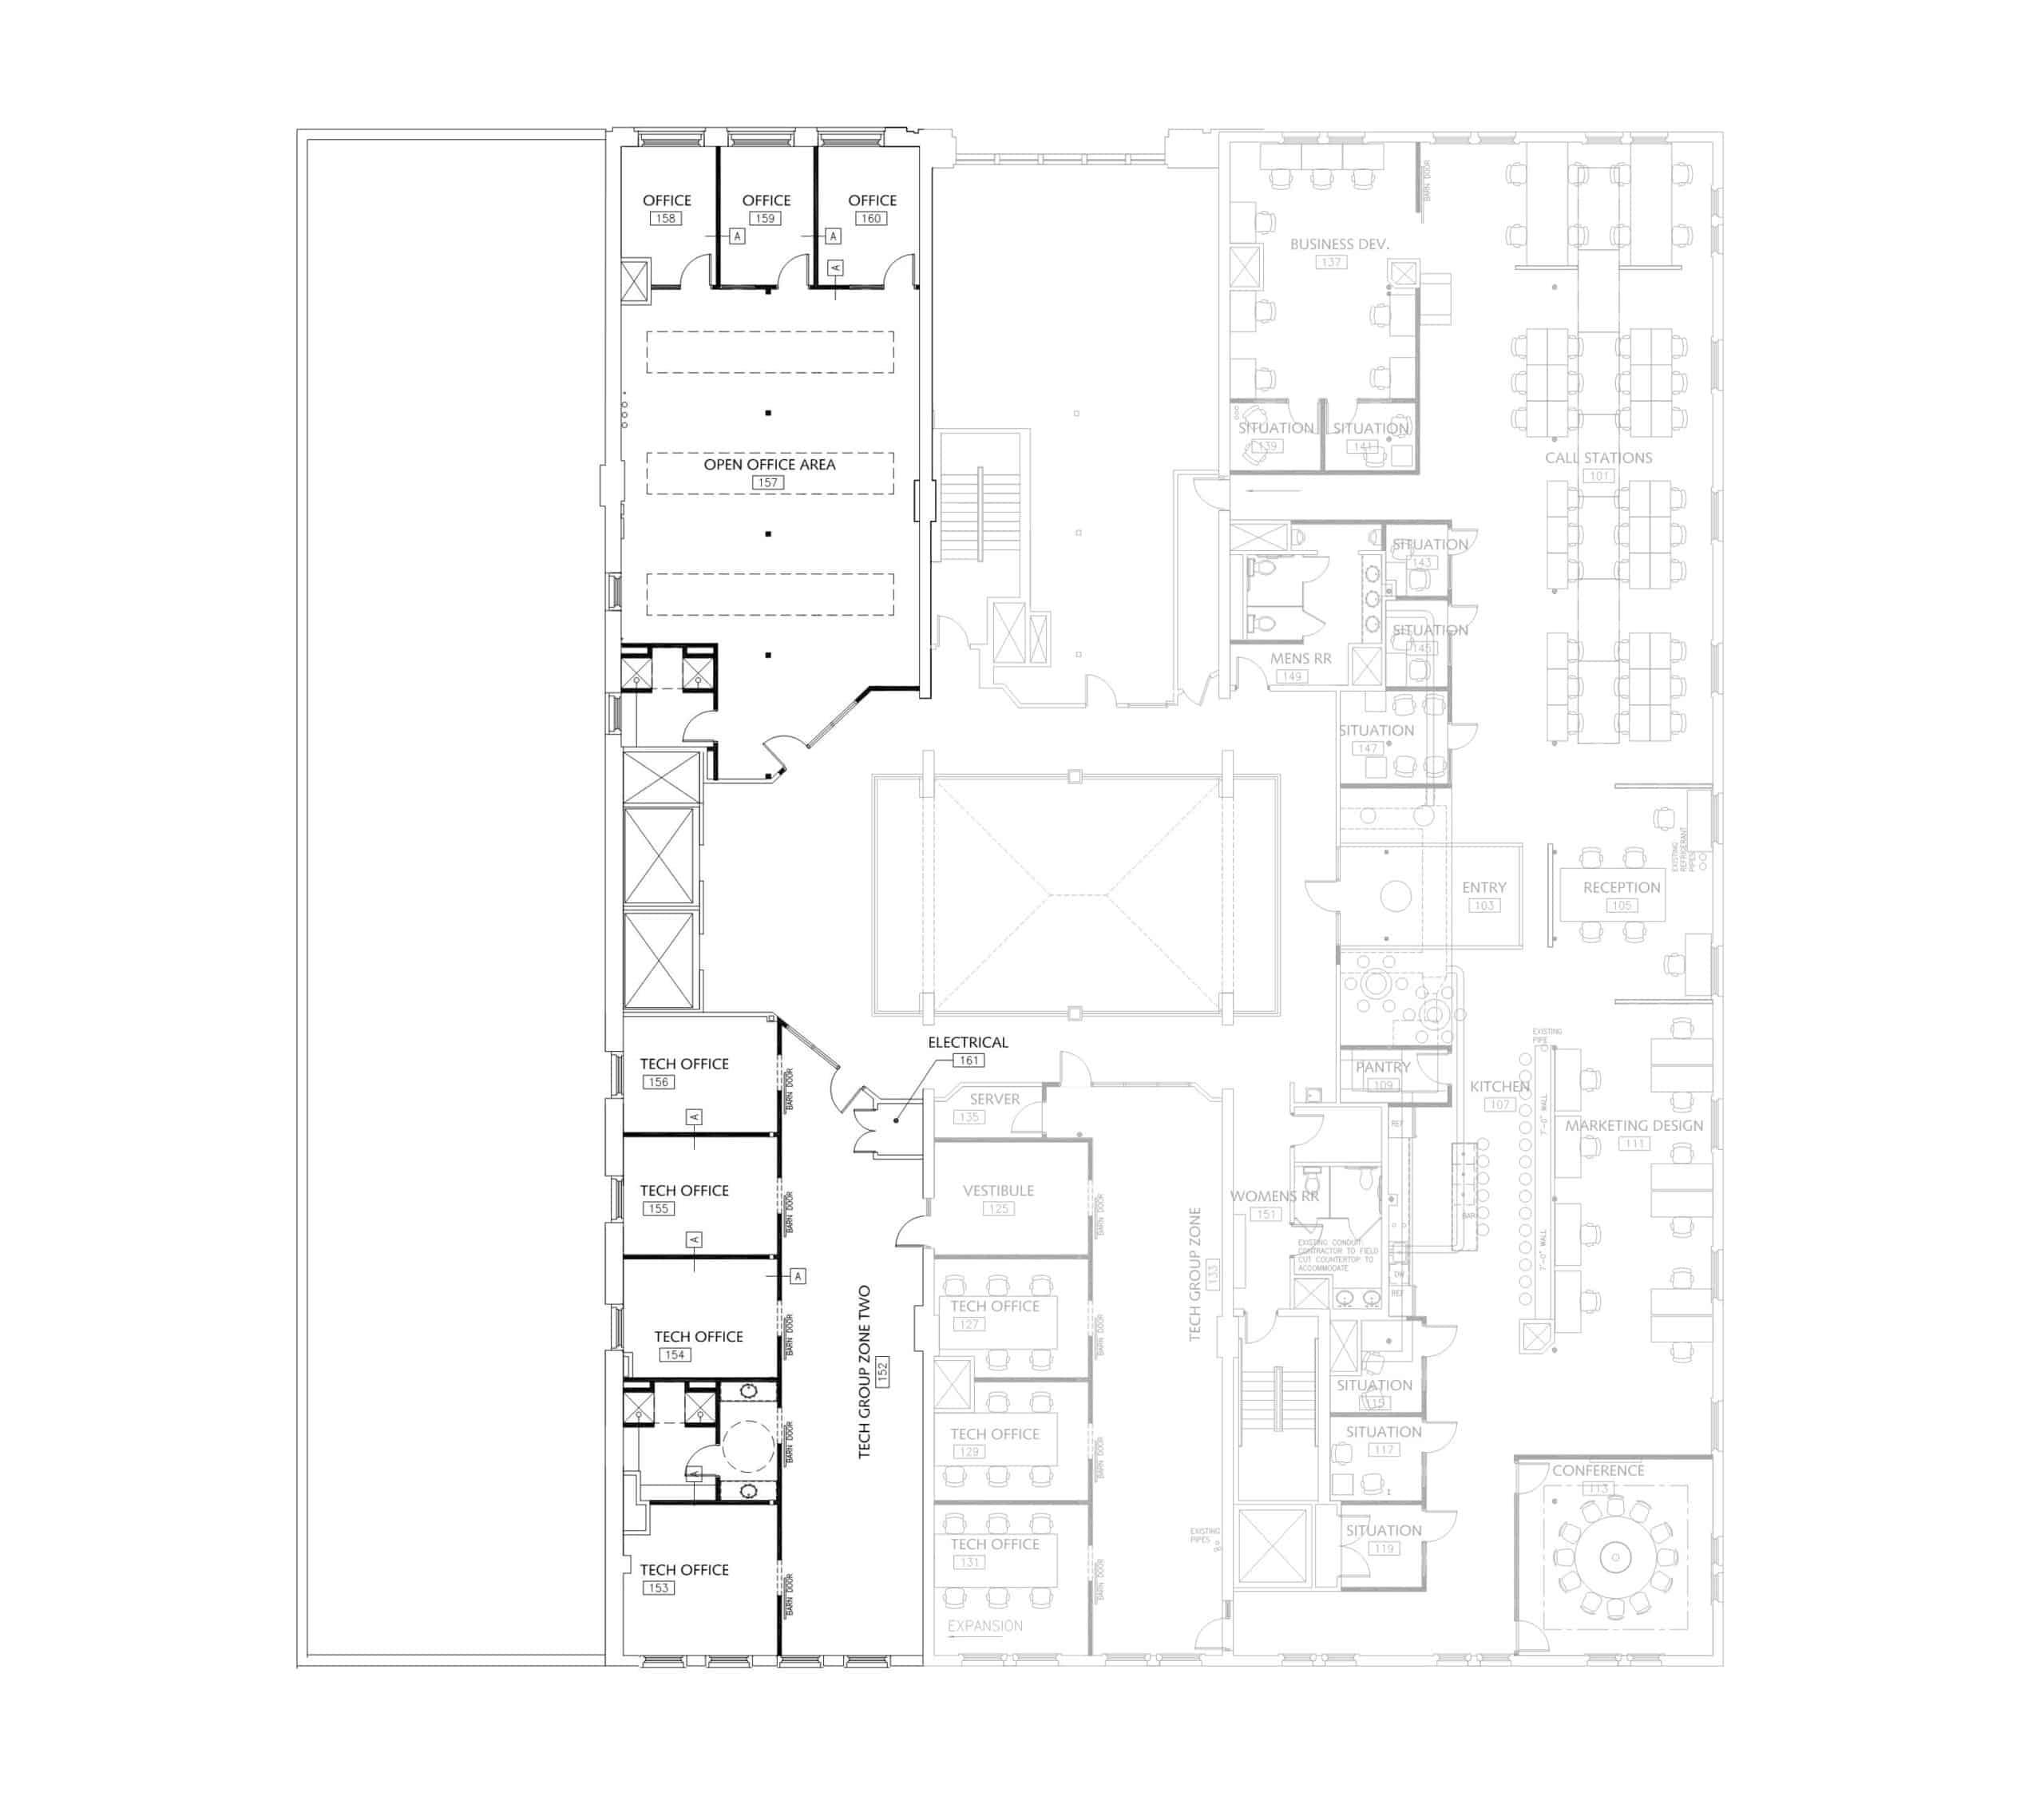 Bellhops-Expansion-Floor-Plan_edited